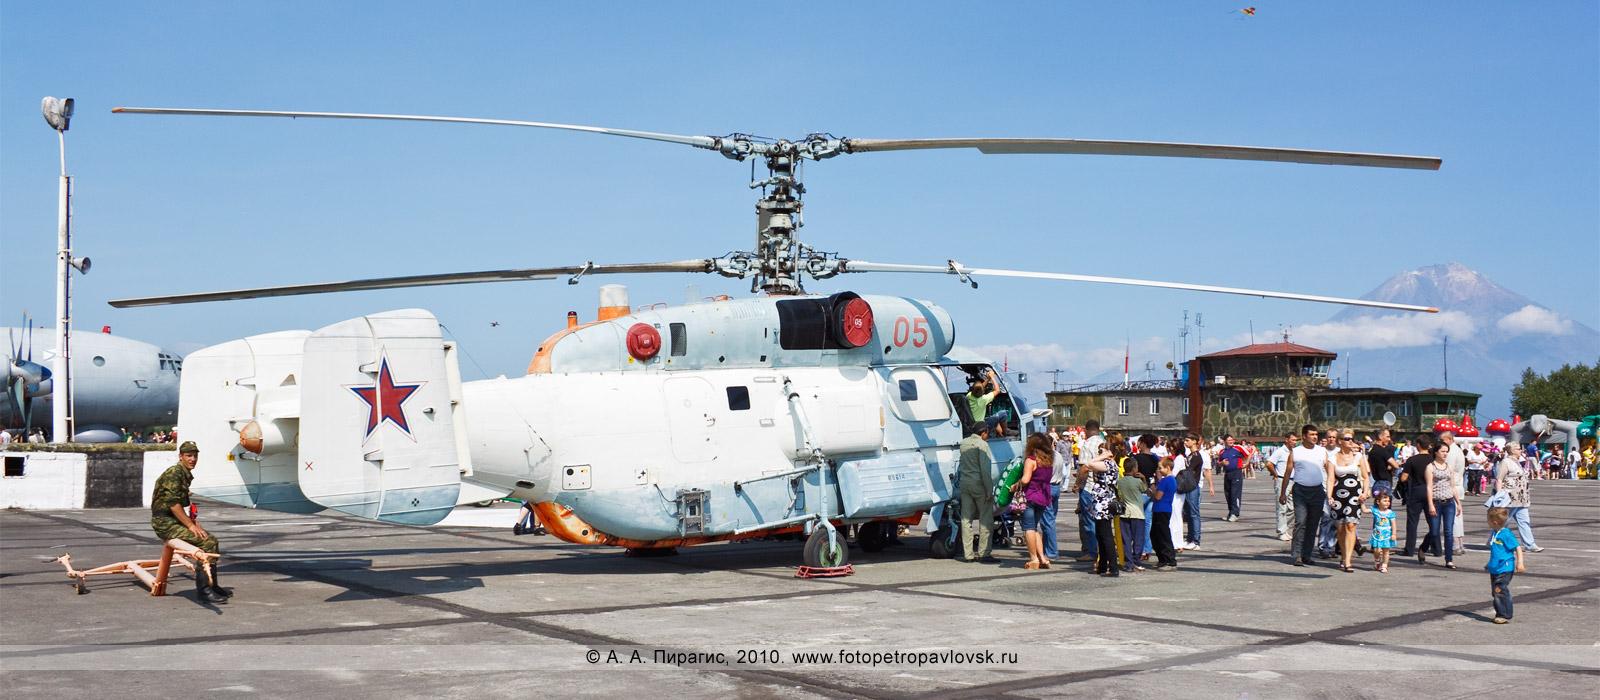 Фотография: Камчатский край — День Военно-воздушных сил Российской Федерации: корабельный поисково-спасательный вертолет Ка-27ПС на военном аэродроме